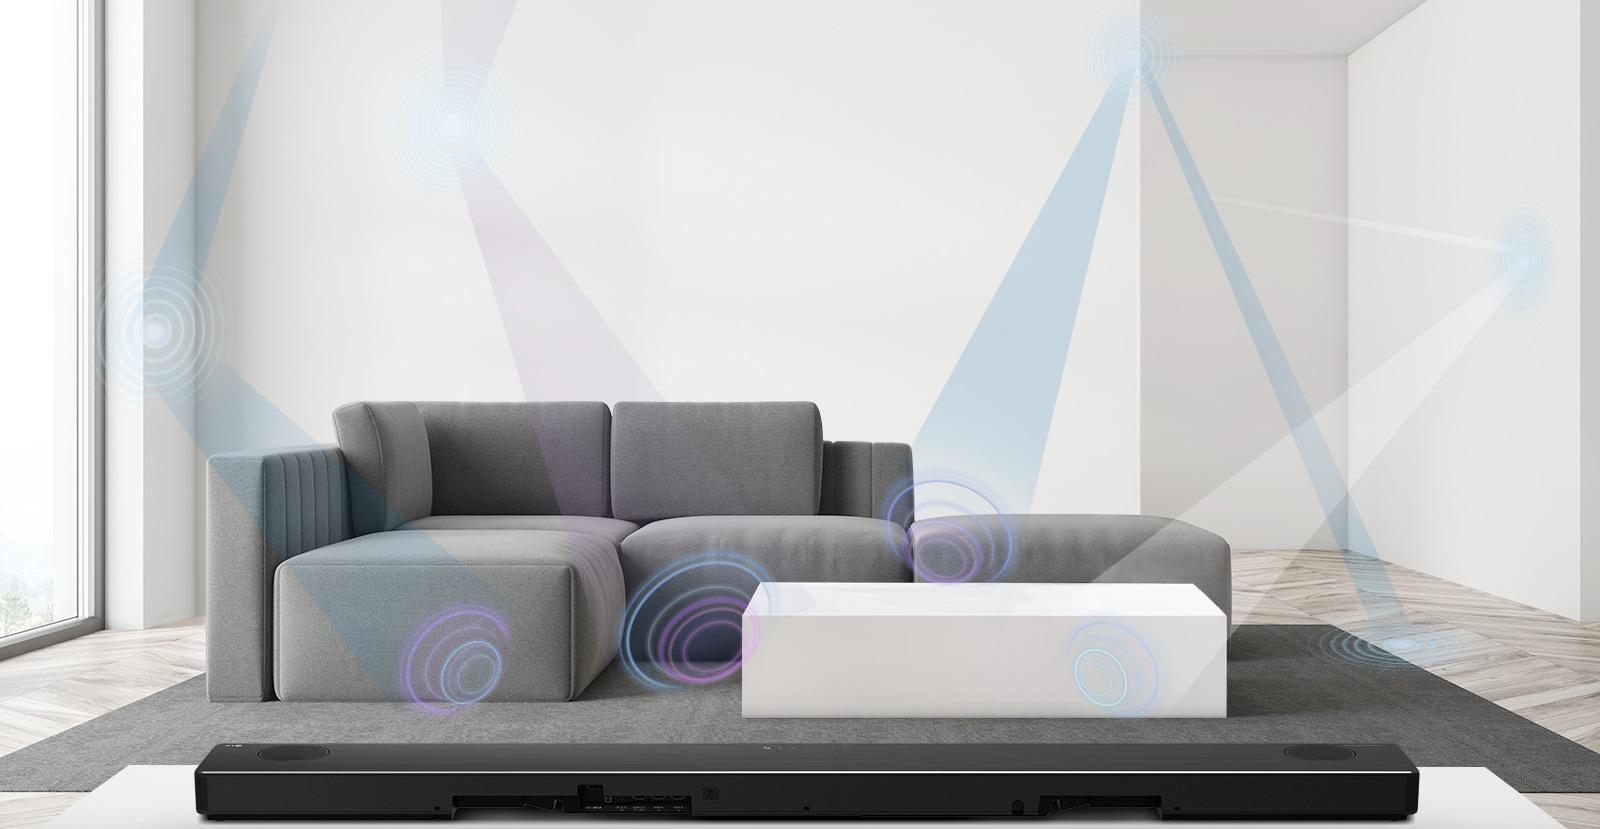 Rückseite der LG Sound Bar in einem Wohnzimmer mit grauem Sofa. AI Room Calibration berechnet die Umgebung, was grafisch dargestellt ist.